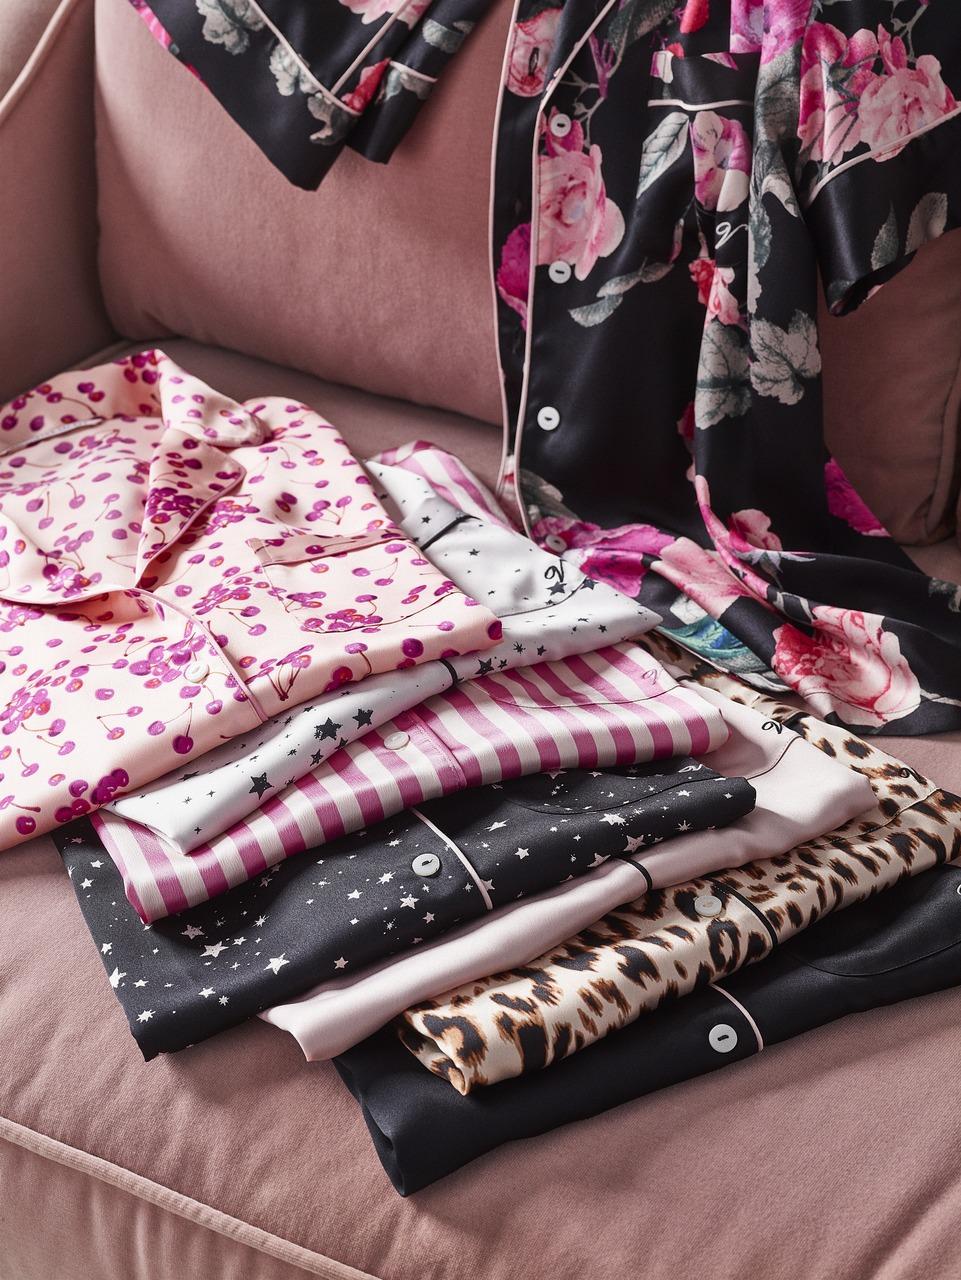 VS Gifting Image 3 - فيكتوريا سيكريت تقدم تشكيلة جديدة من الأزياء والعطور والإكسسوارات احتفالاً بموسم الأعياد